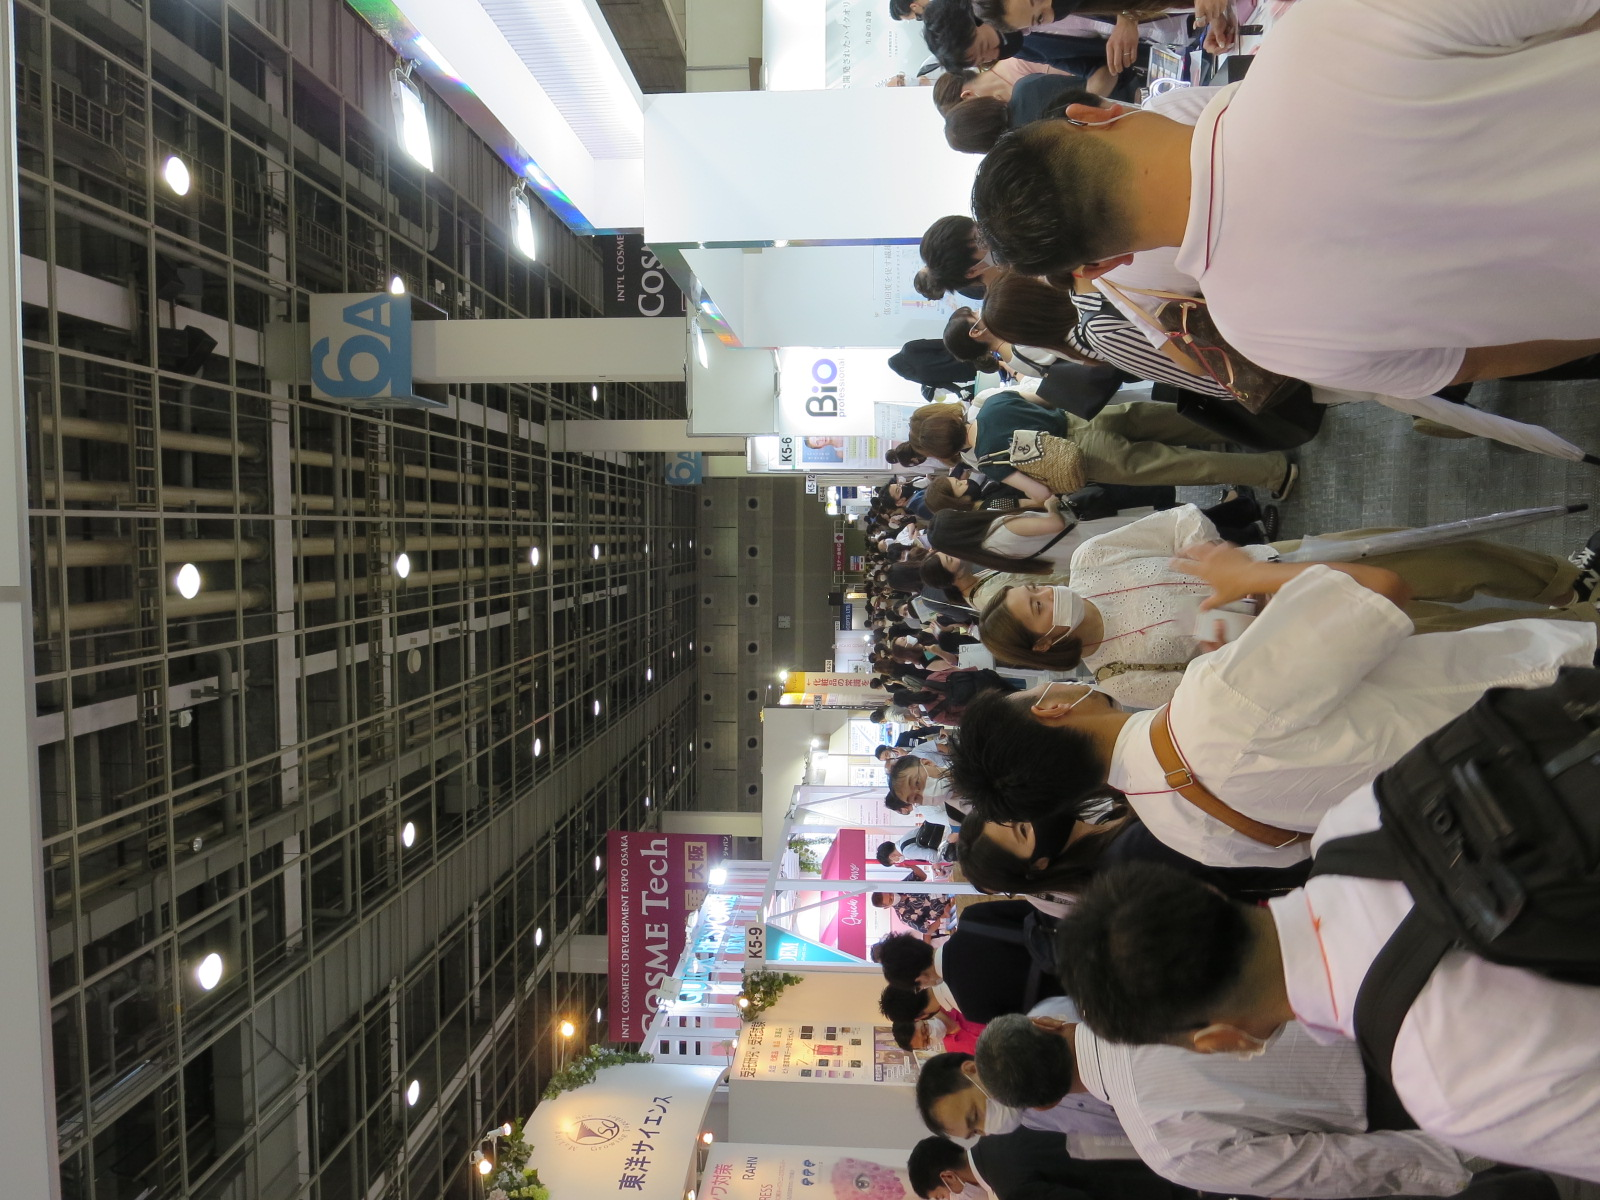 大阪開催「化粧品開発展」「国際化粧品展」に200社出展